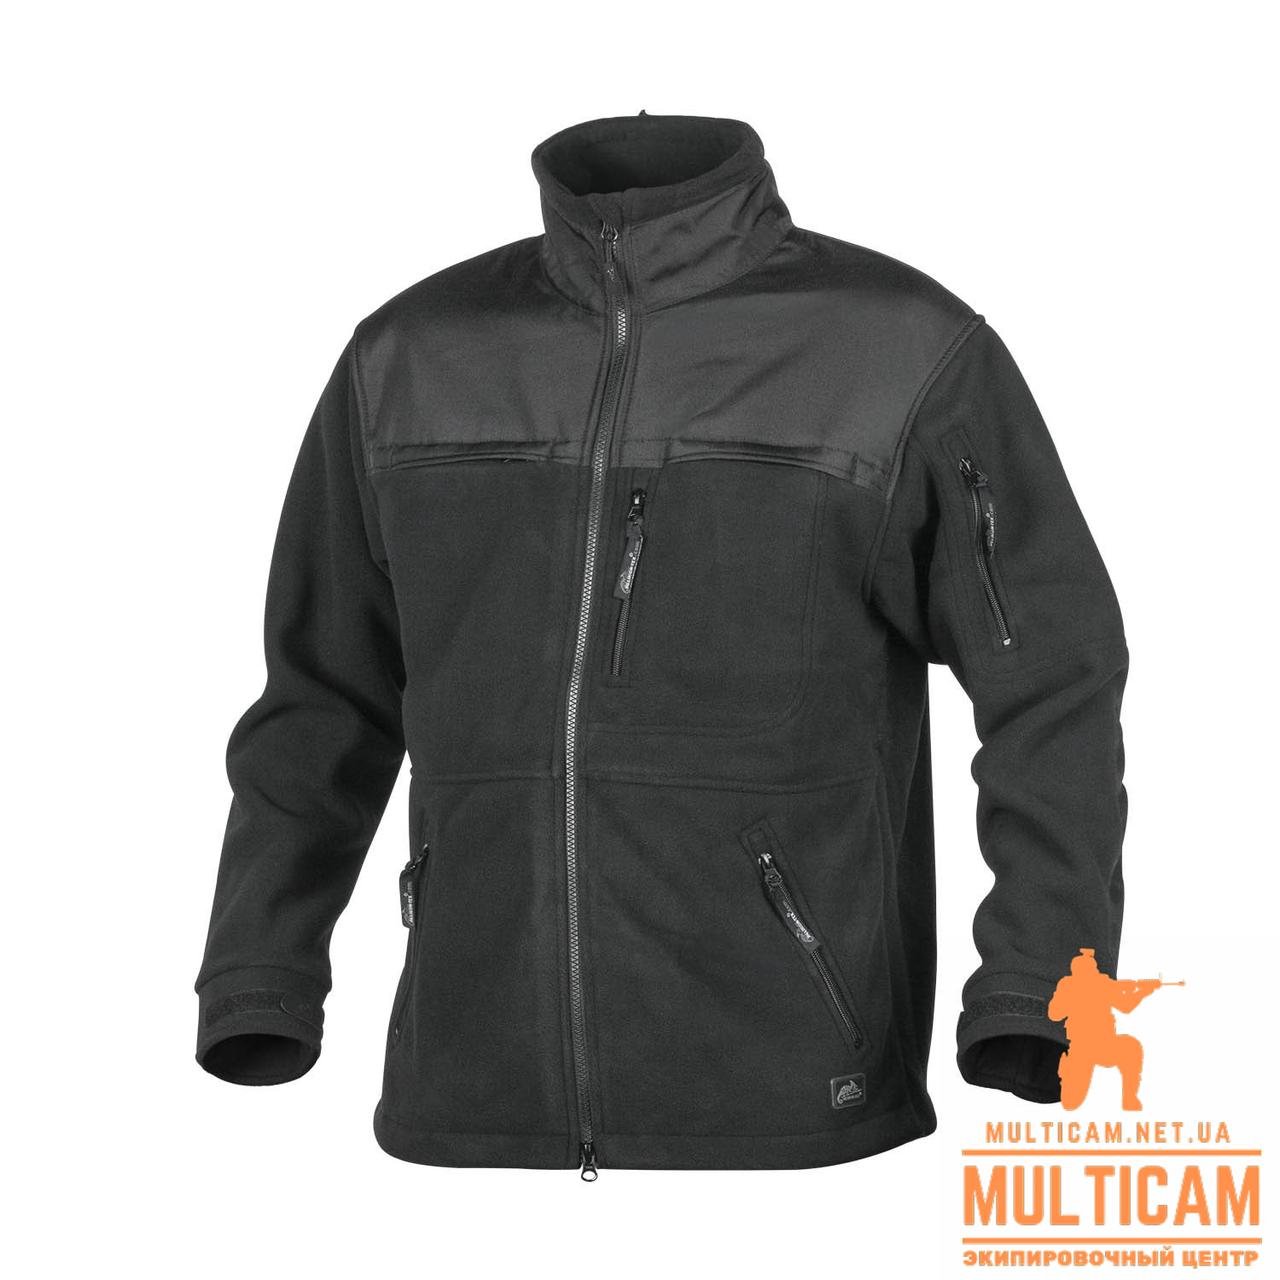 Куртка флисовая Helikon-Tex® DEFENDER QSA + HID - Duty Fleece - Черная